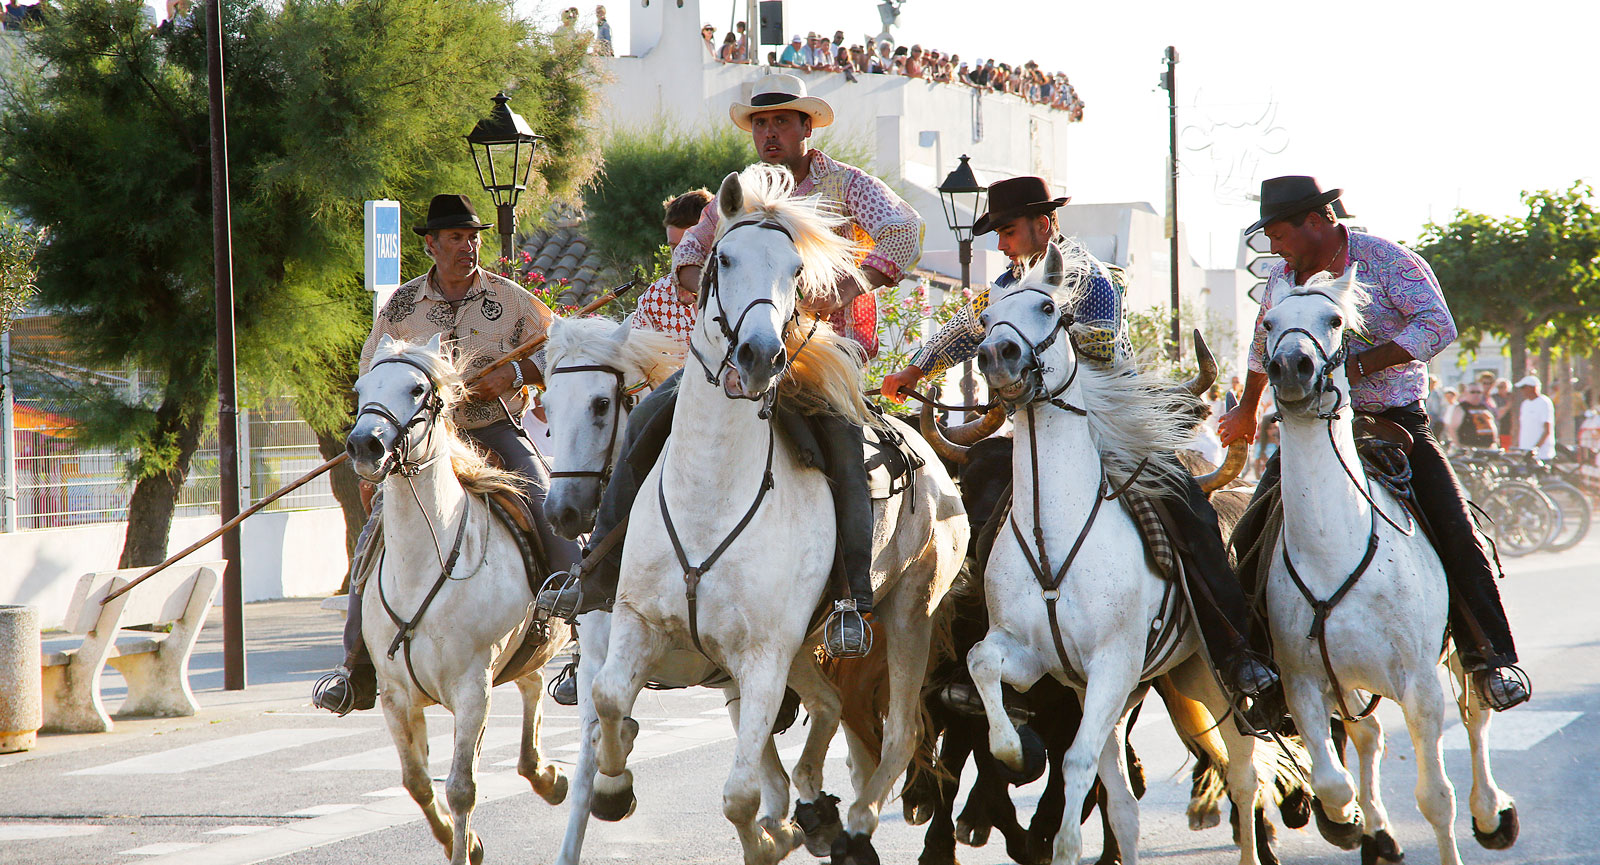 När uppvisningen är klar galopperar hästar och ryttare med lösdrivna tjurar rakt igenom stadskärnan där människor sitter och äter längs vägen.